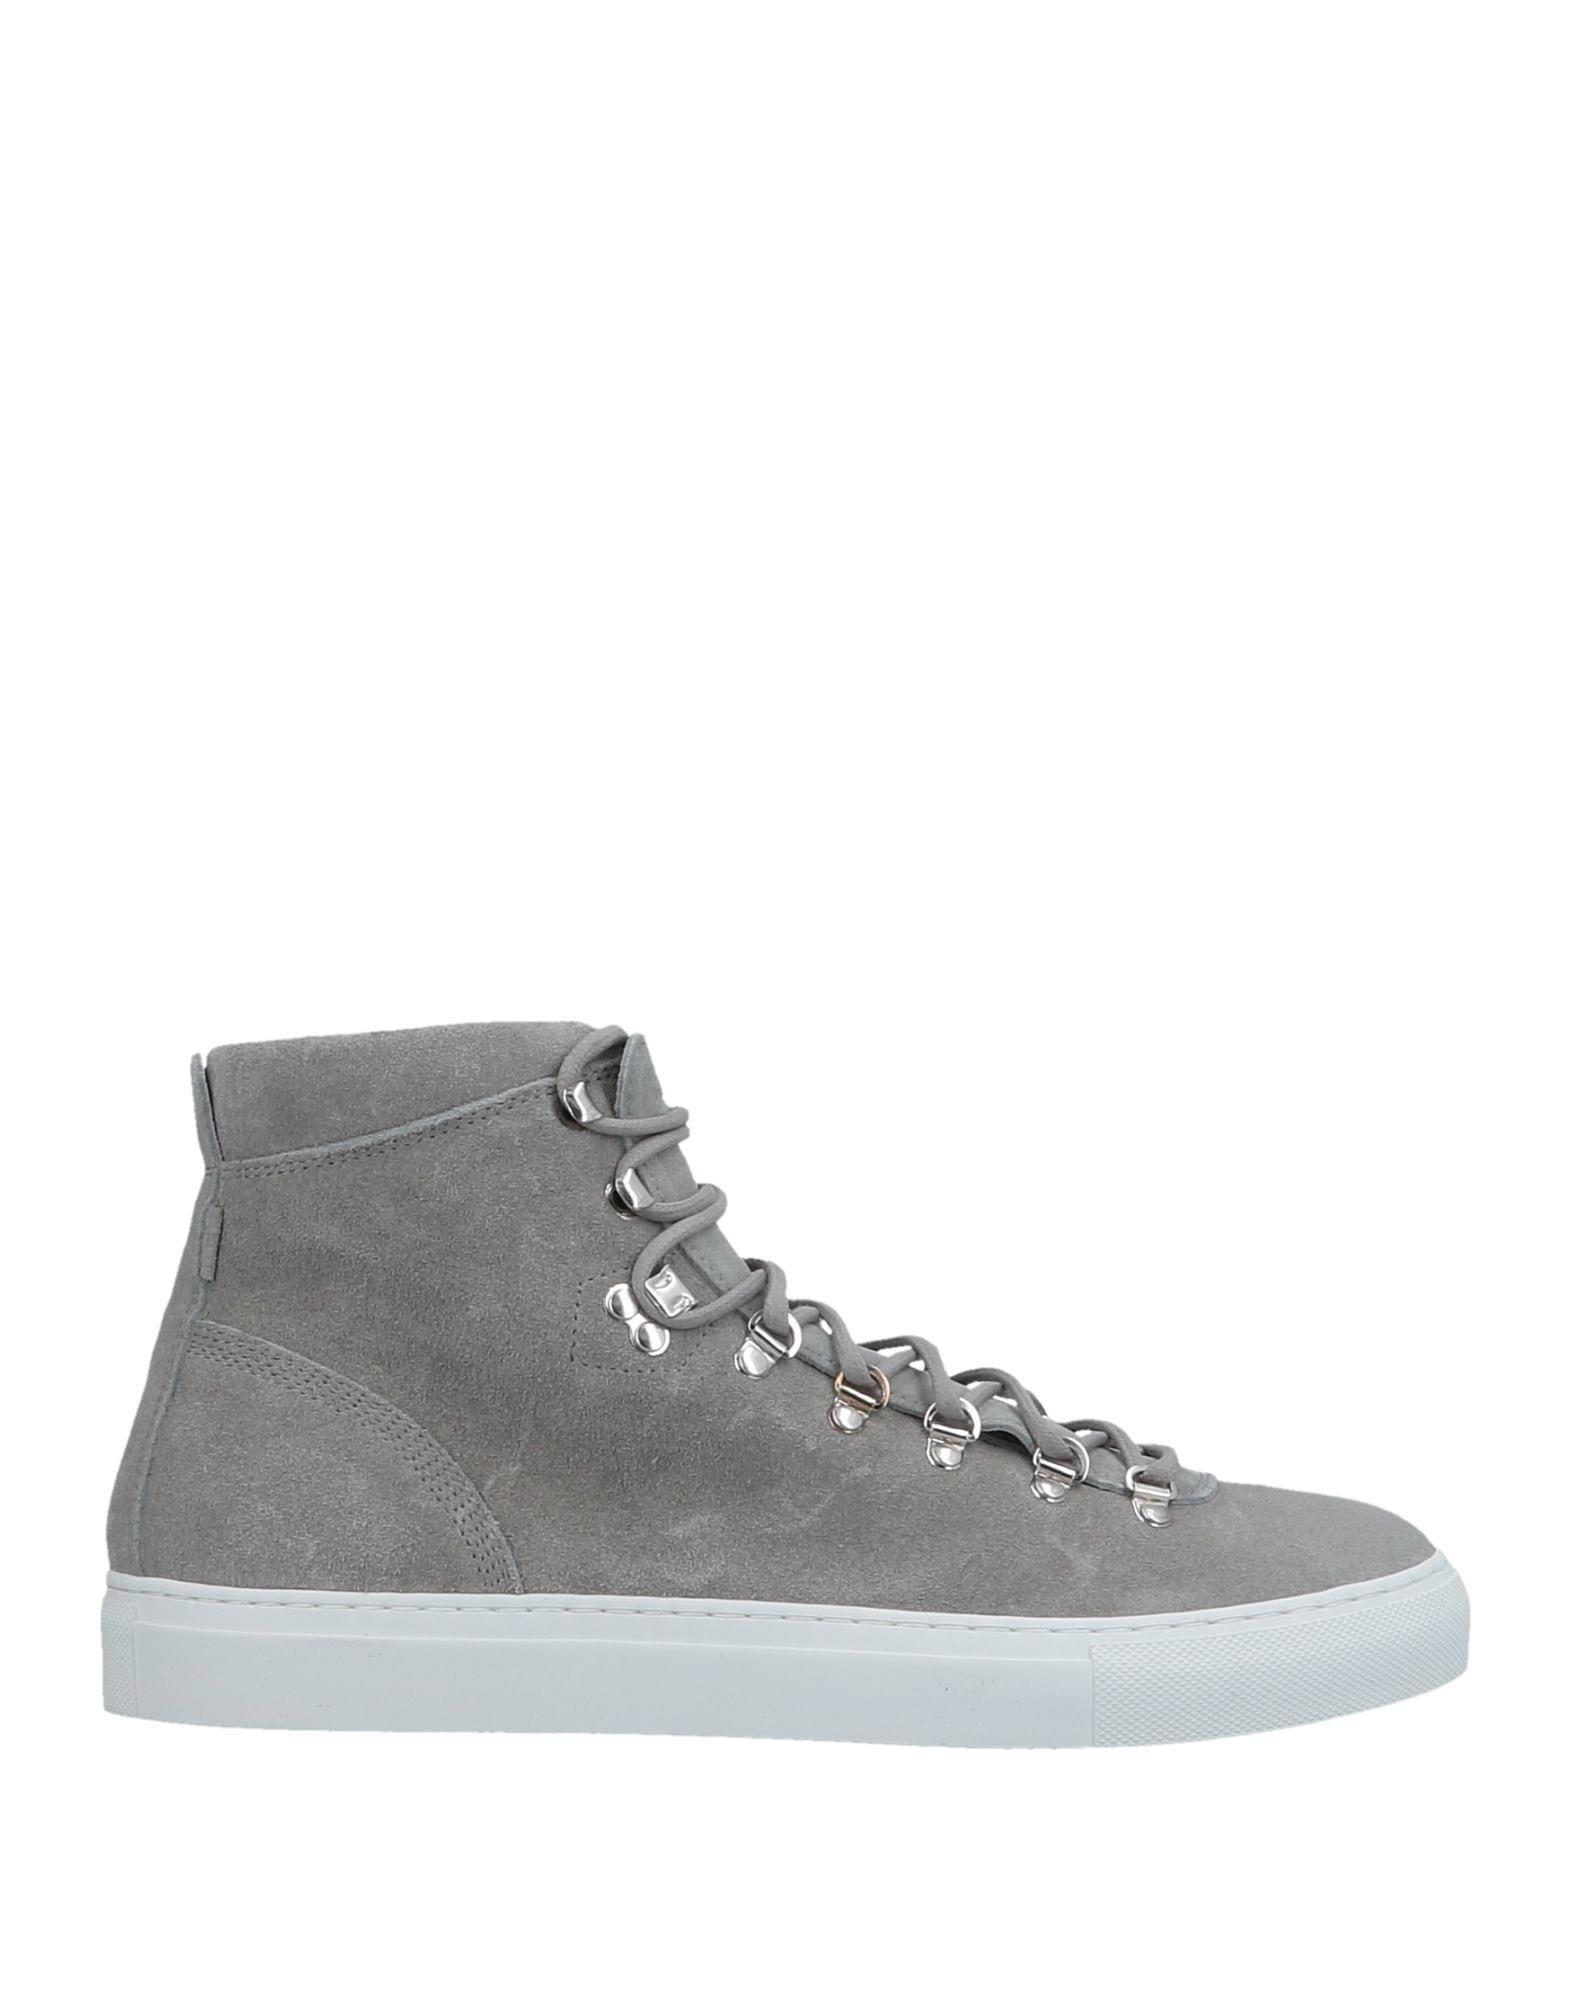 Sneakers Diemme Uomo - 11498130FI Scarpe economiche e buone